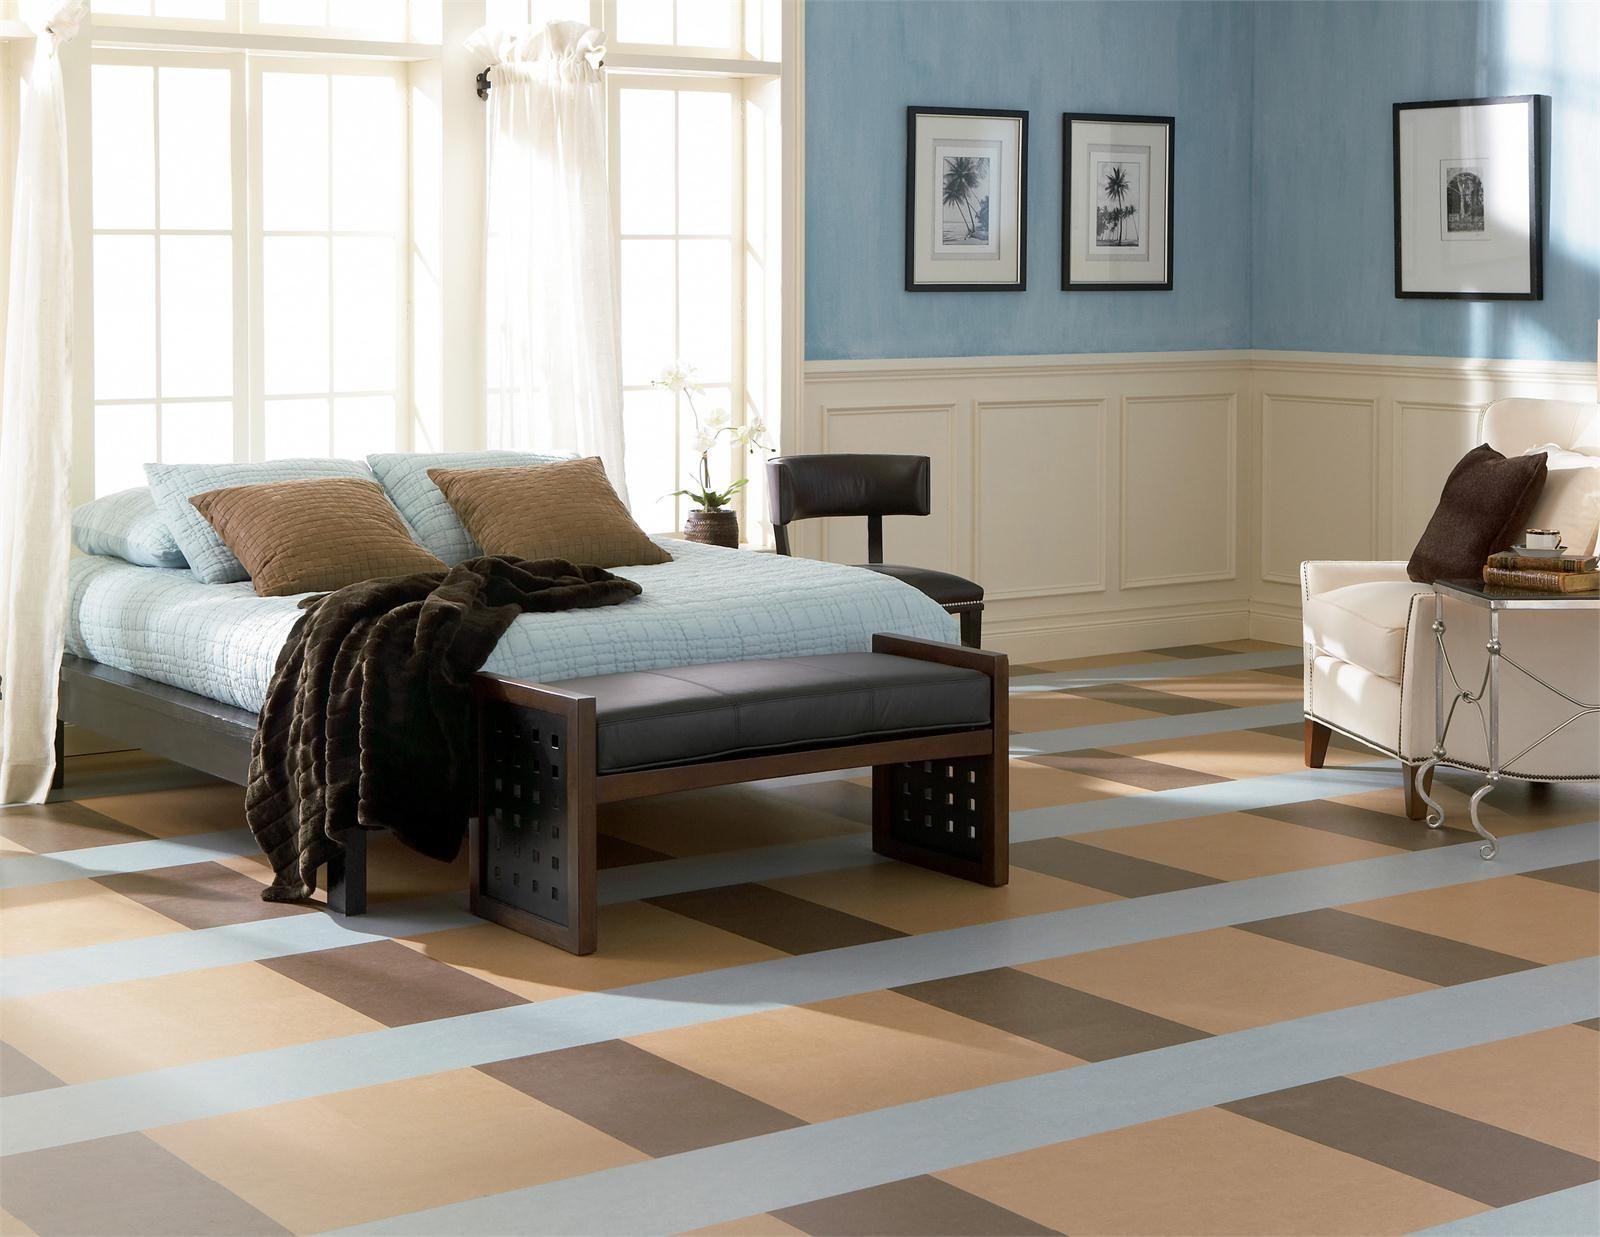 Marmoleum Vloer Verven : Visgraat marmoleum click google zoeken woonideeën